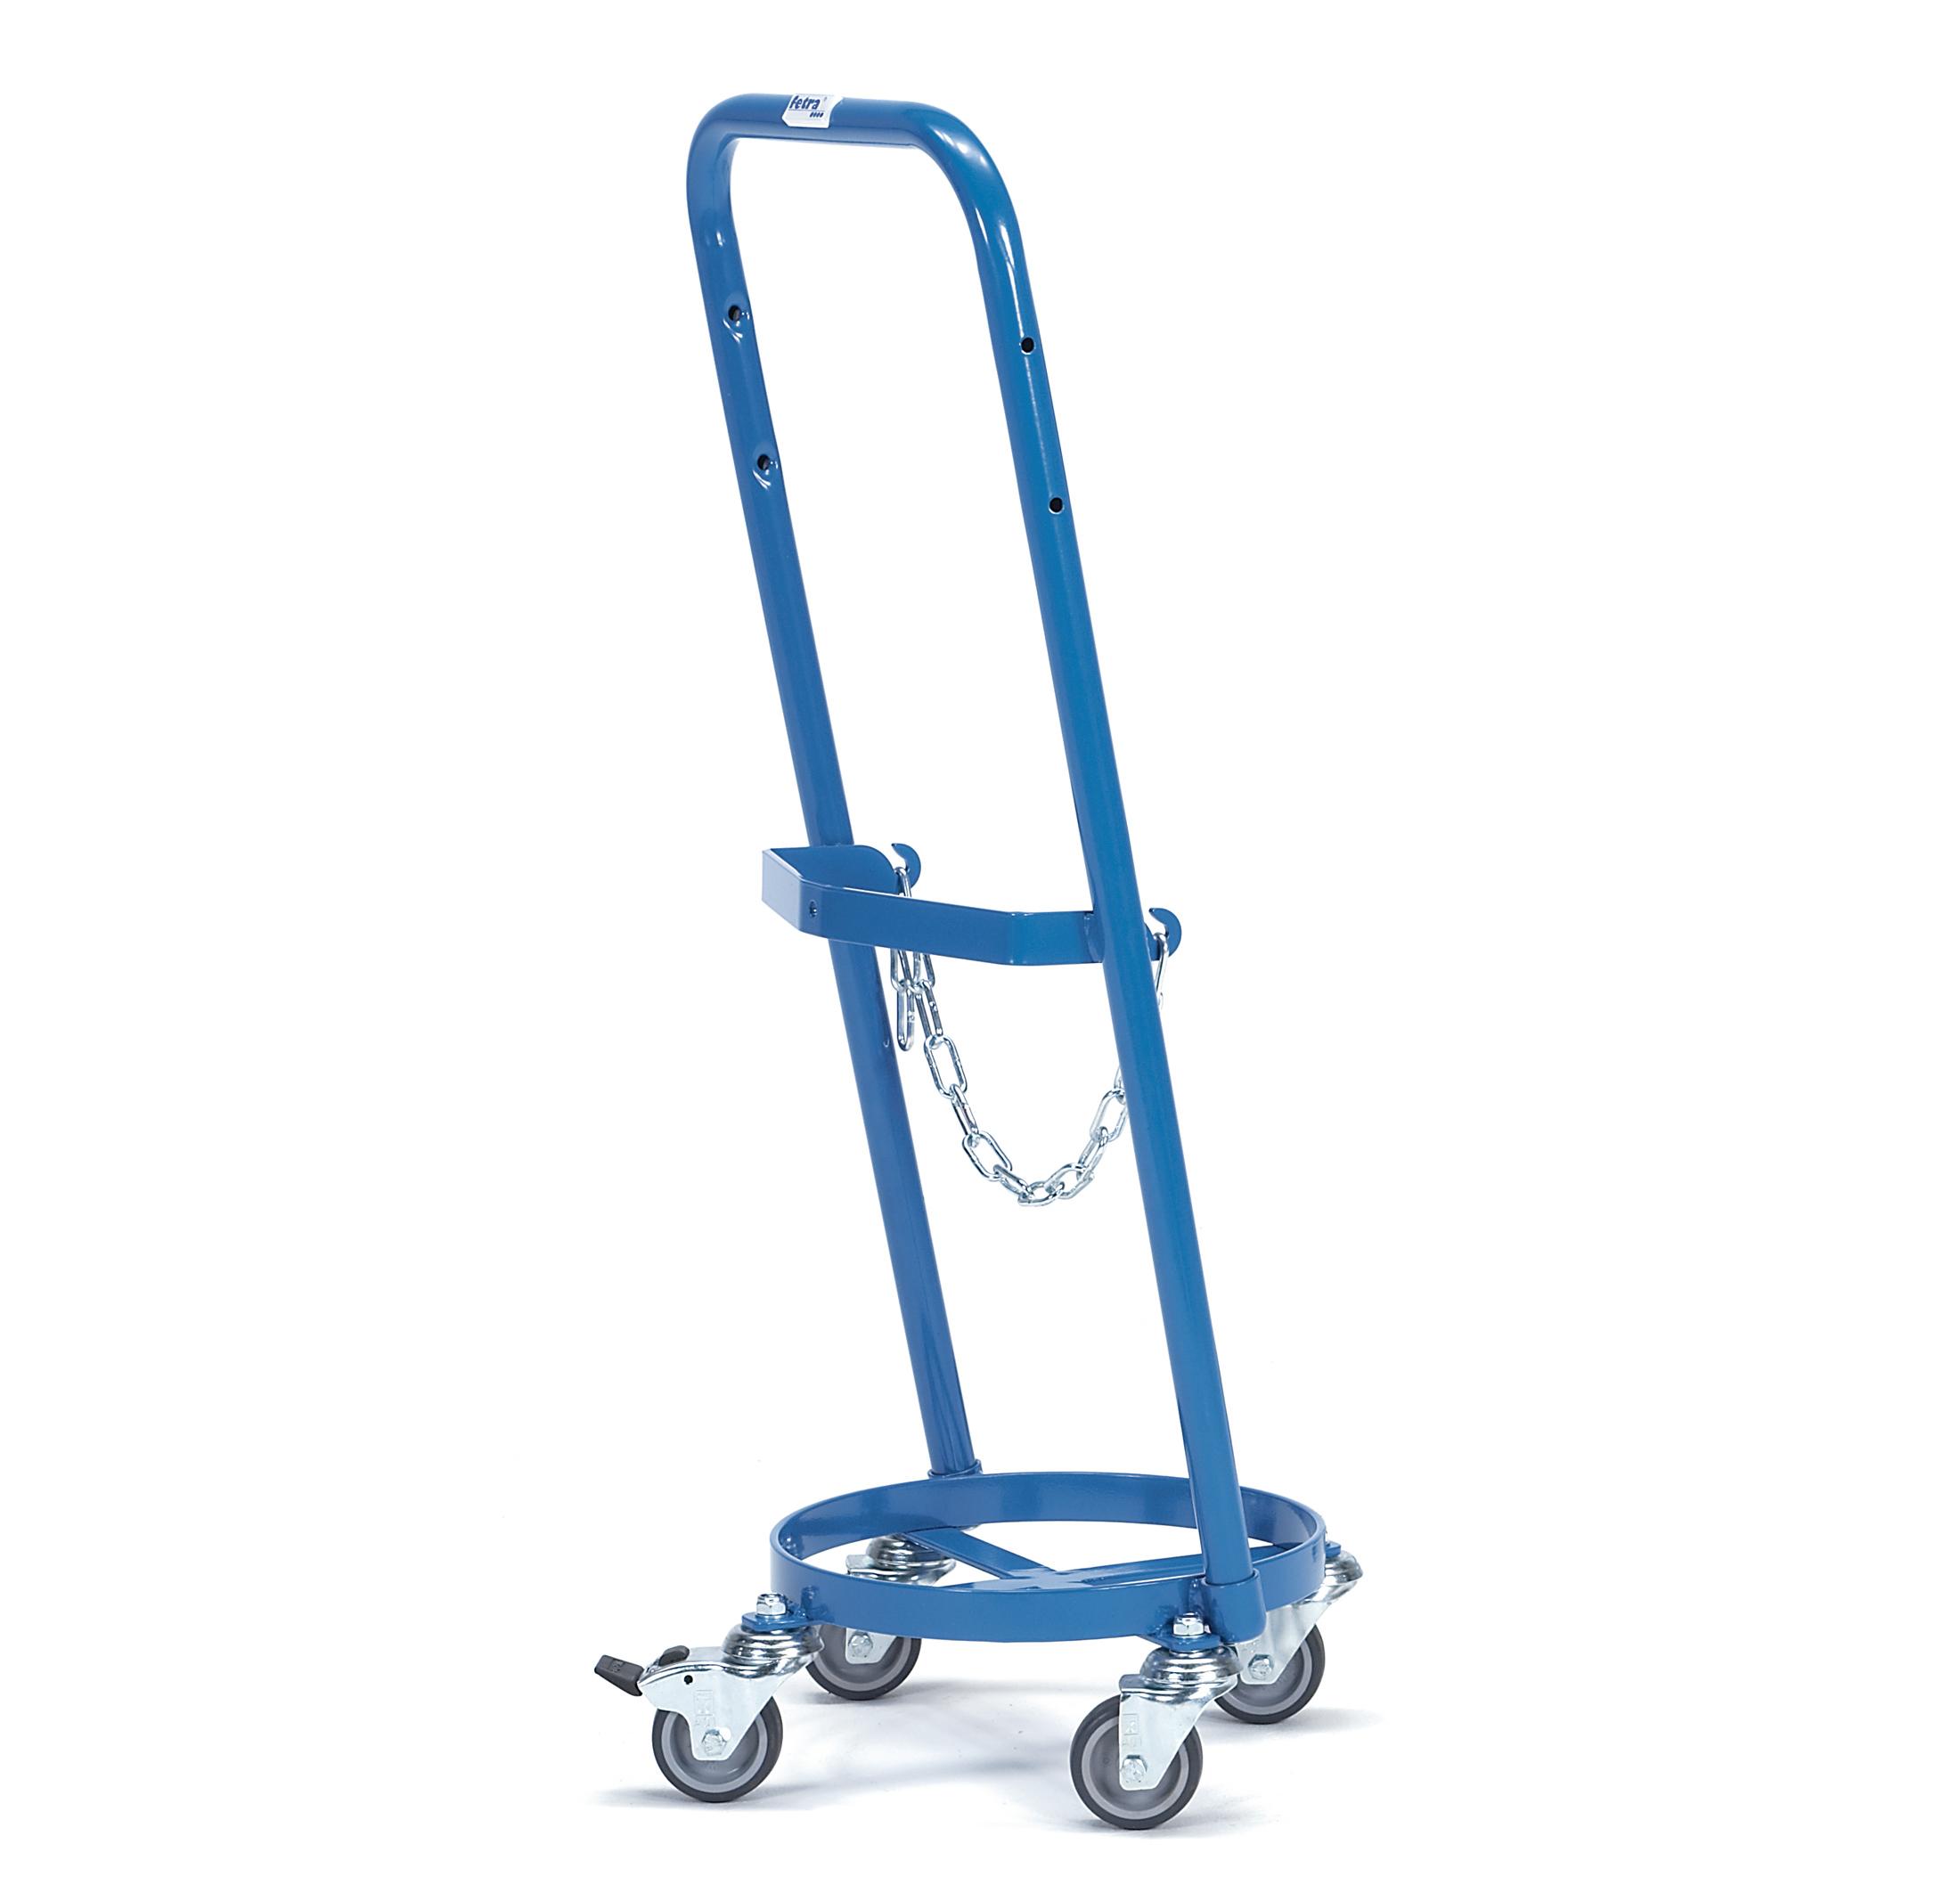 Fetra Stahlflaschenroller für 1 Propangasflasche 11 kg Inhalt, Ø 300 mm 51160